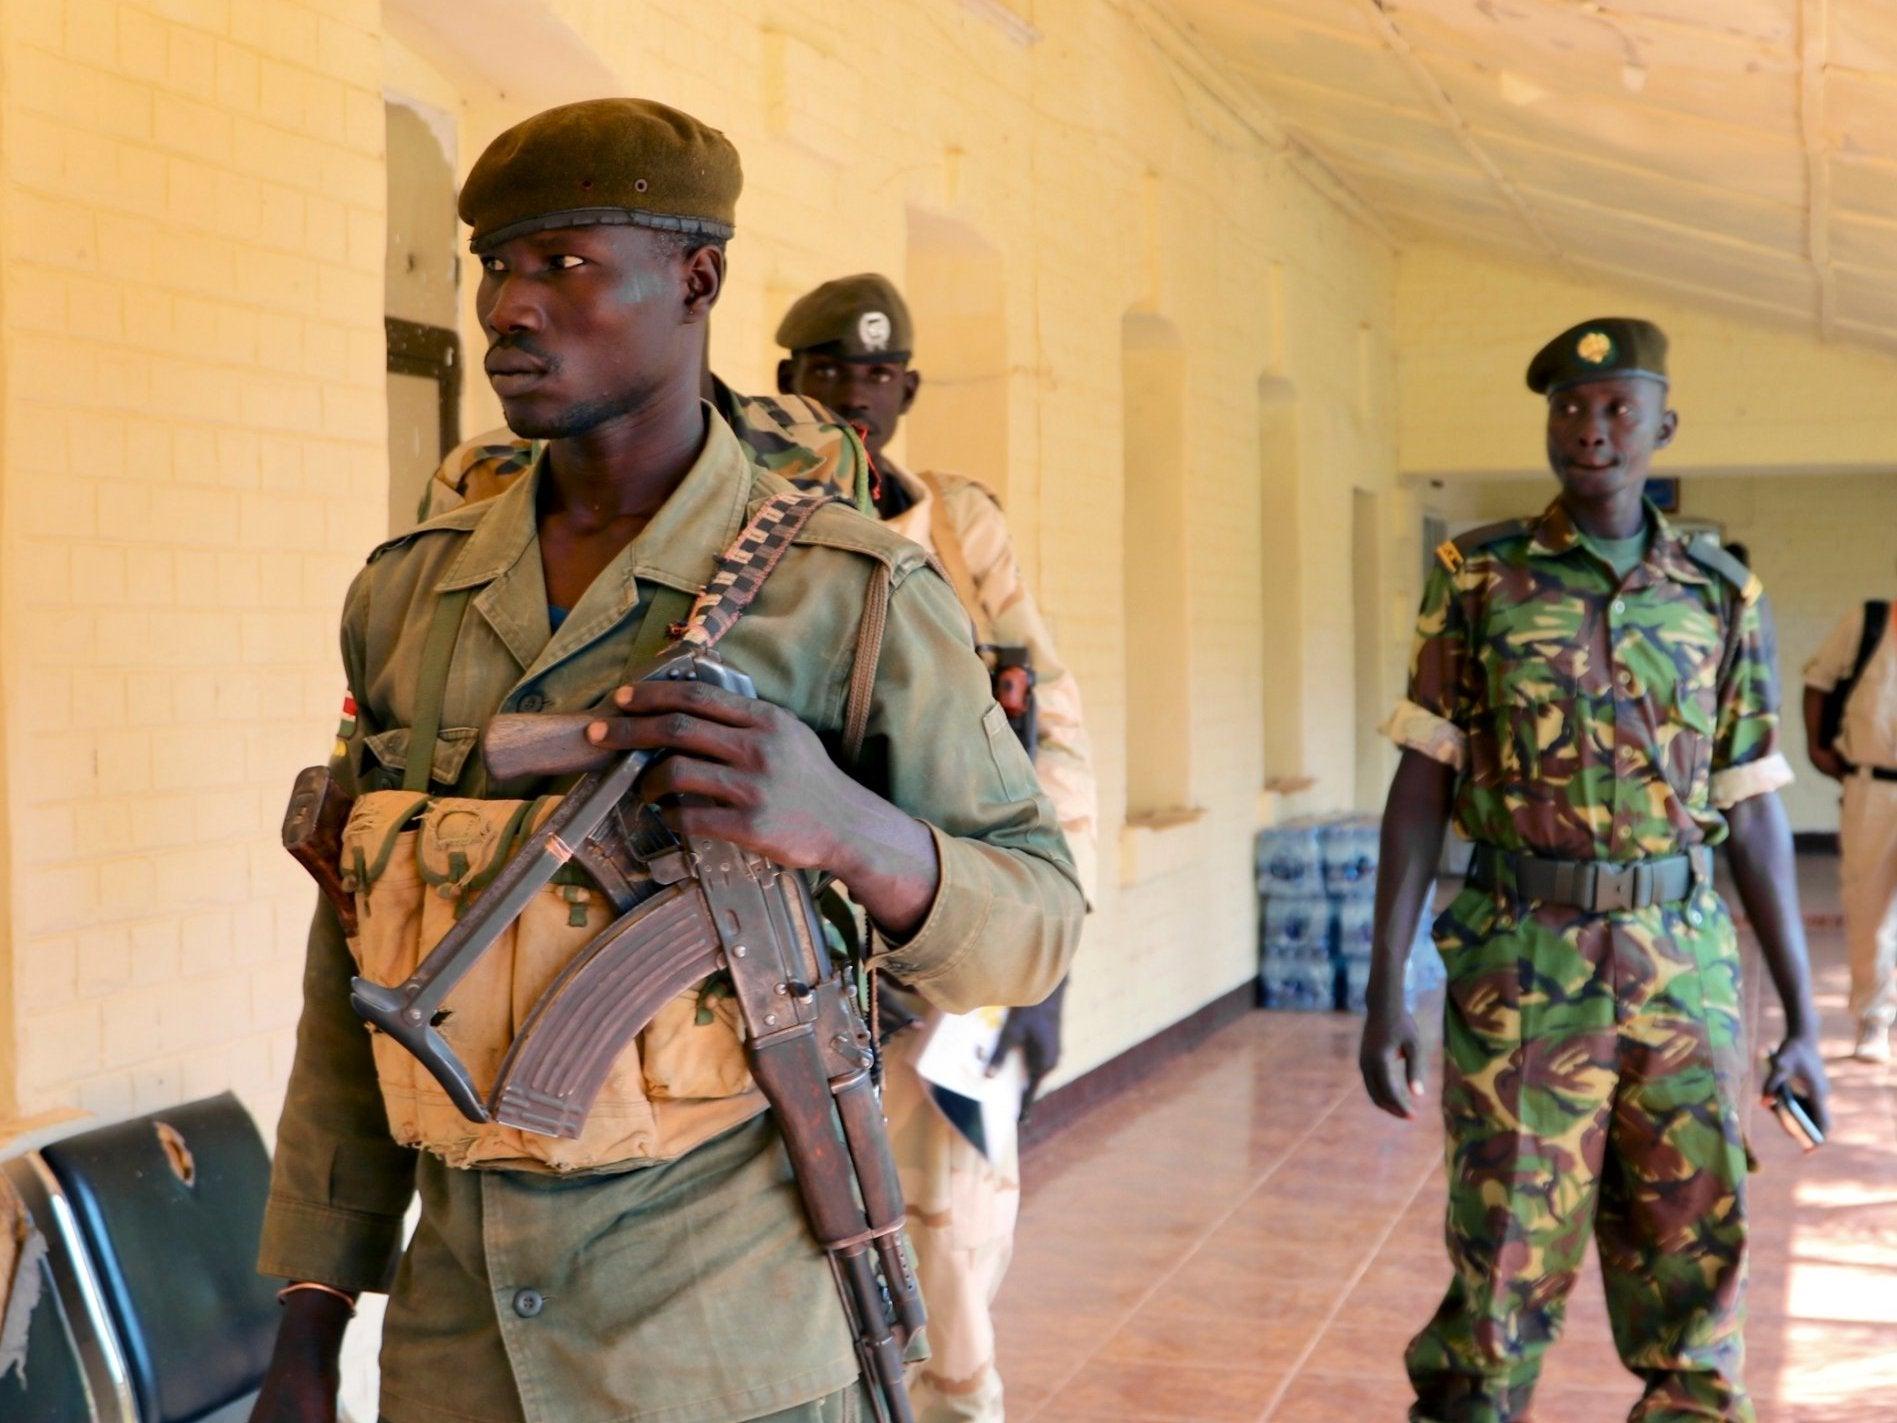 Unknown gunmen 'rape 125 women' in South Sudan